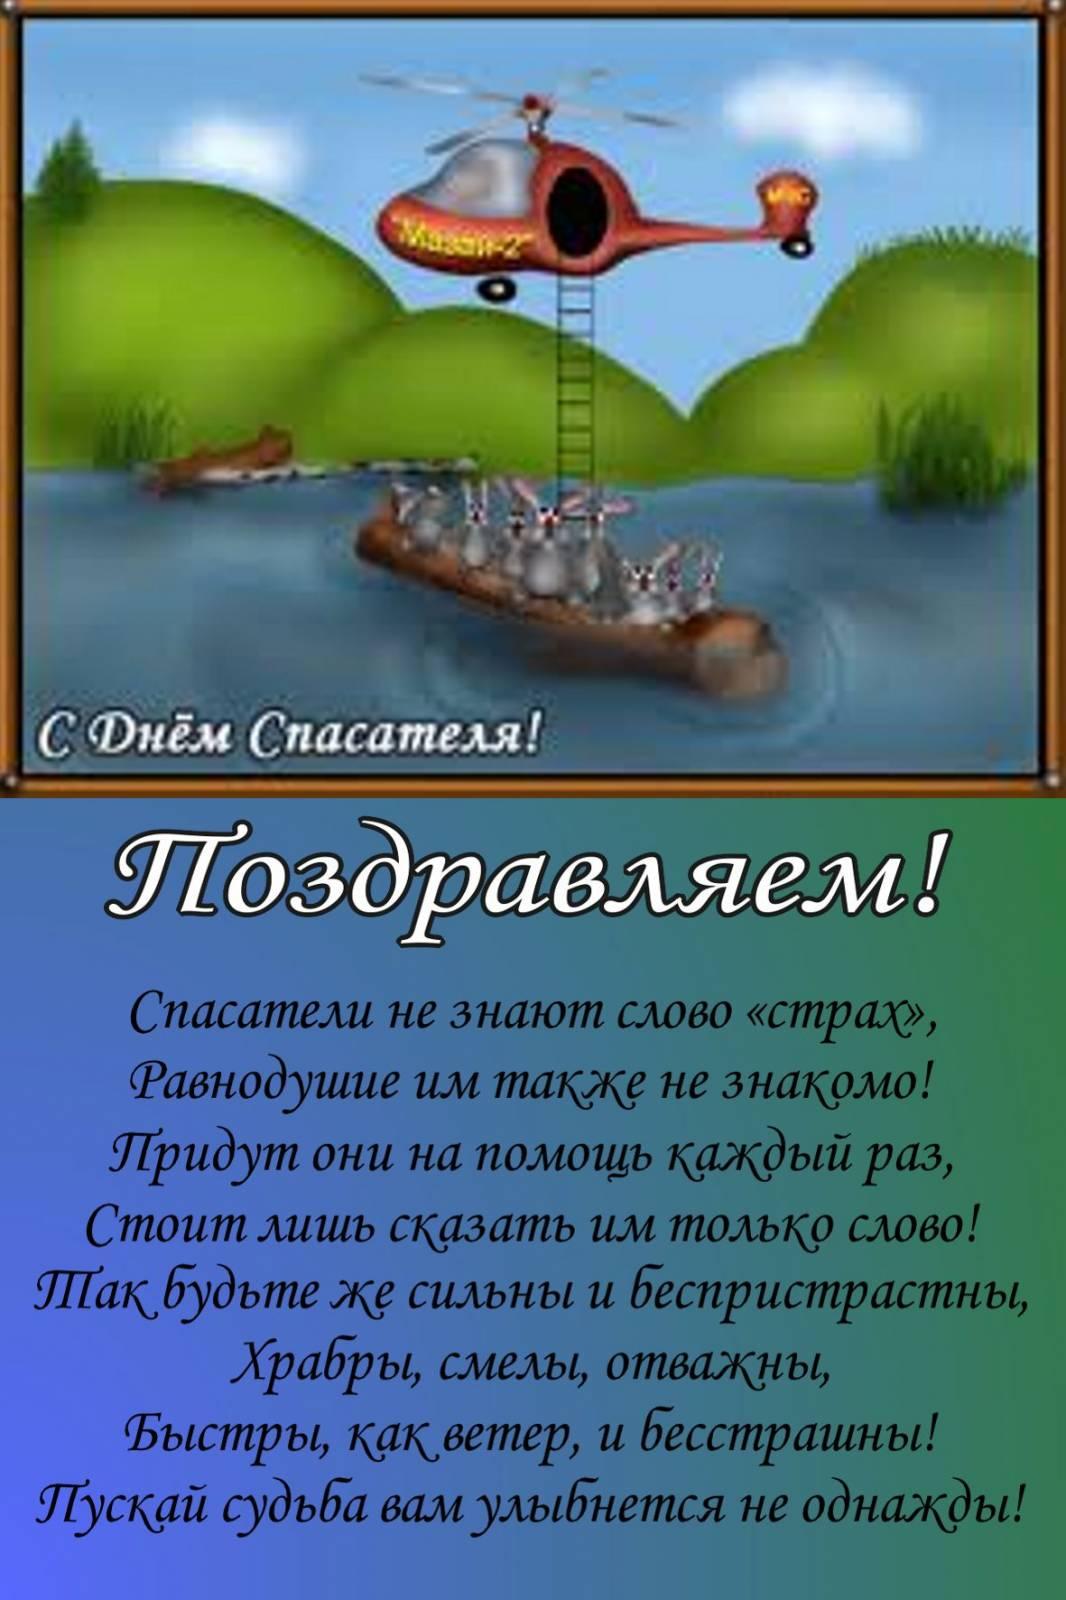 Поздравление к дню спасателя россии